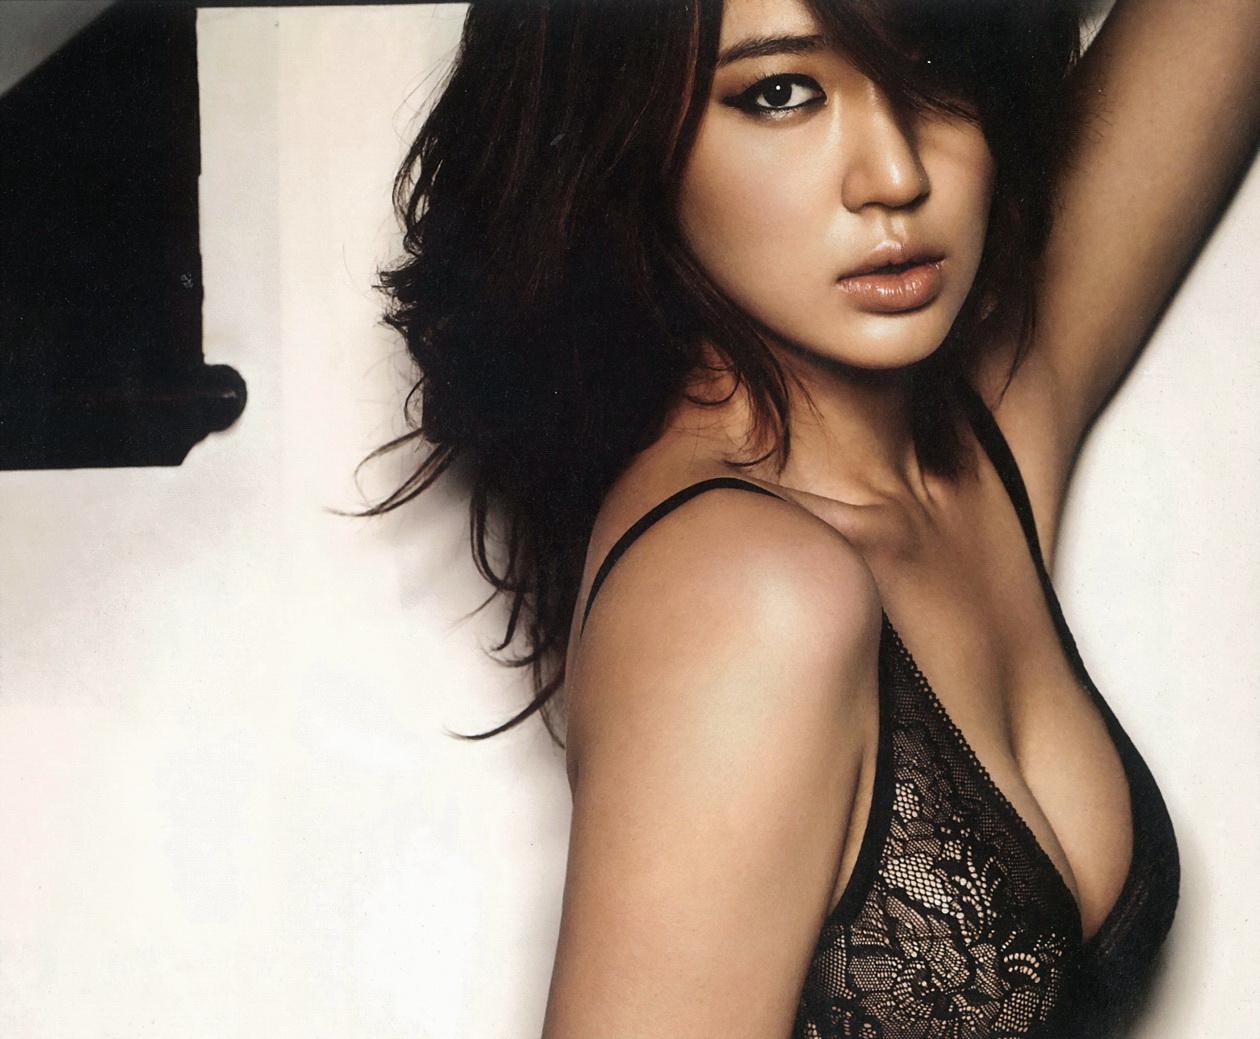 Born in    Korea  Yoon Eun HyeYoon Eun Hye